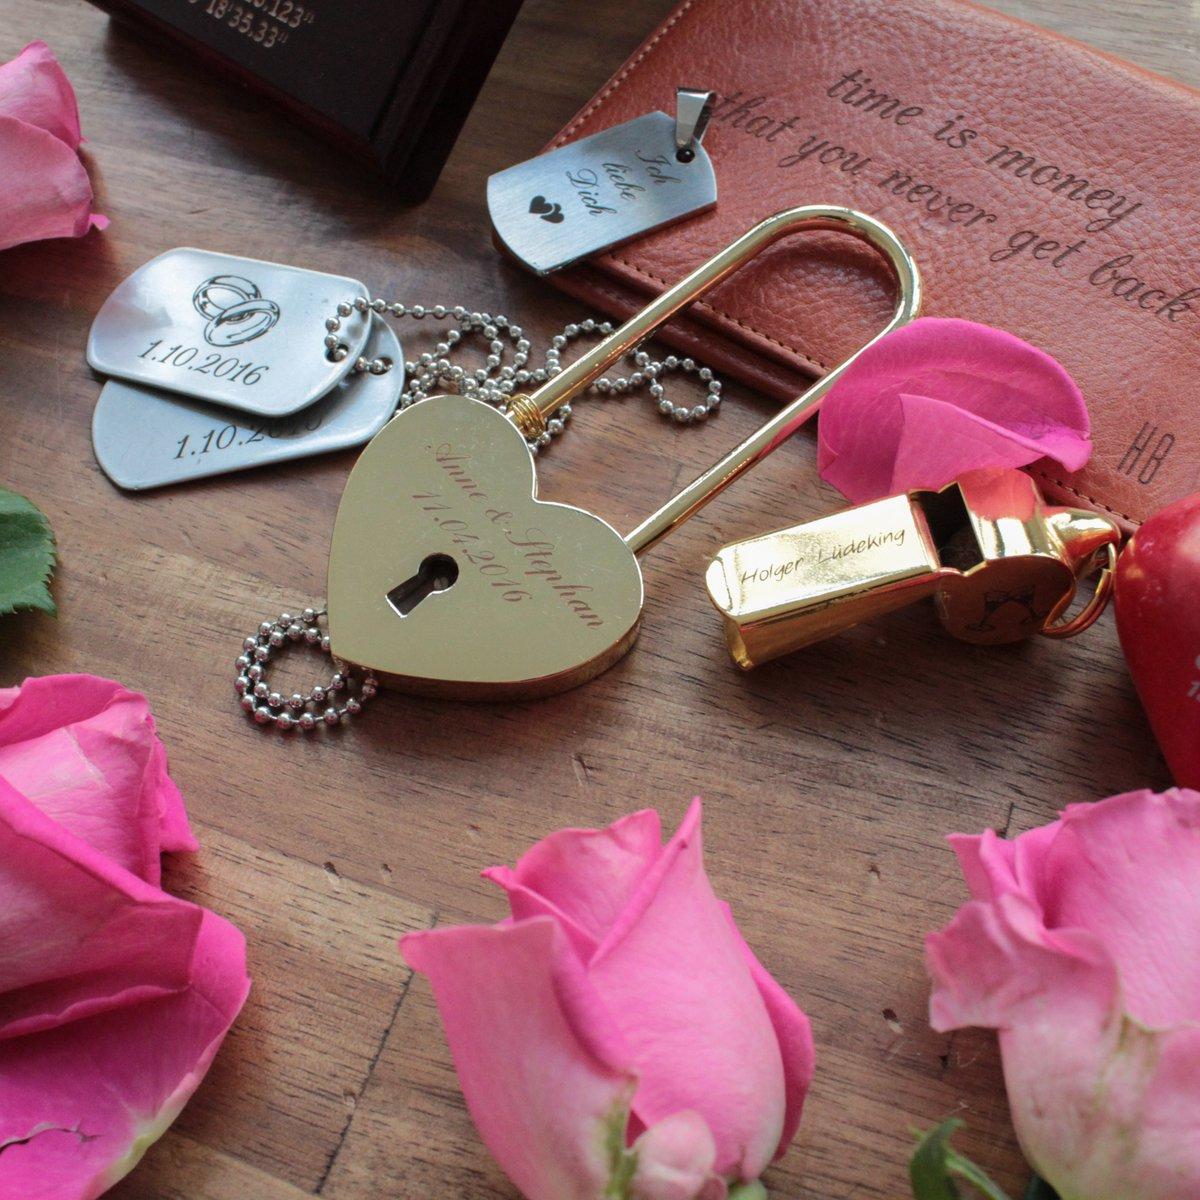 Valentine's Day is coming soon! Wir sind ready for some love.  😍 Sag es mit einer Gravur, denn diese hält für immer! Noch mehr Inspiration findest du hier: https://t.co/YlgHX9WeLk https://t.co/ZWamMmtvIG